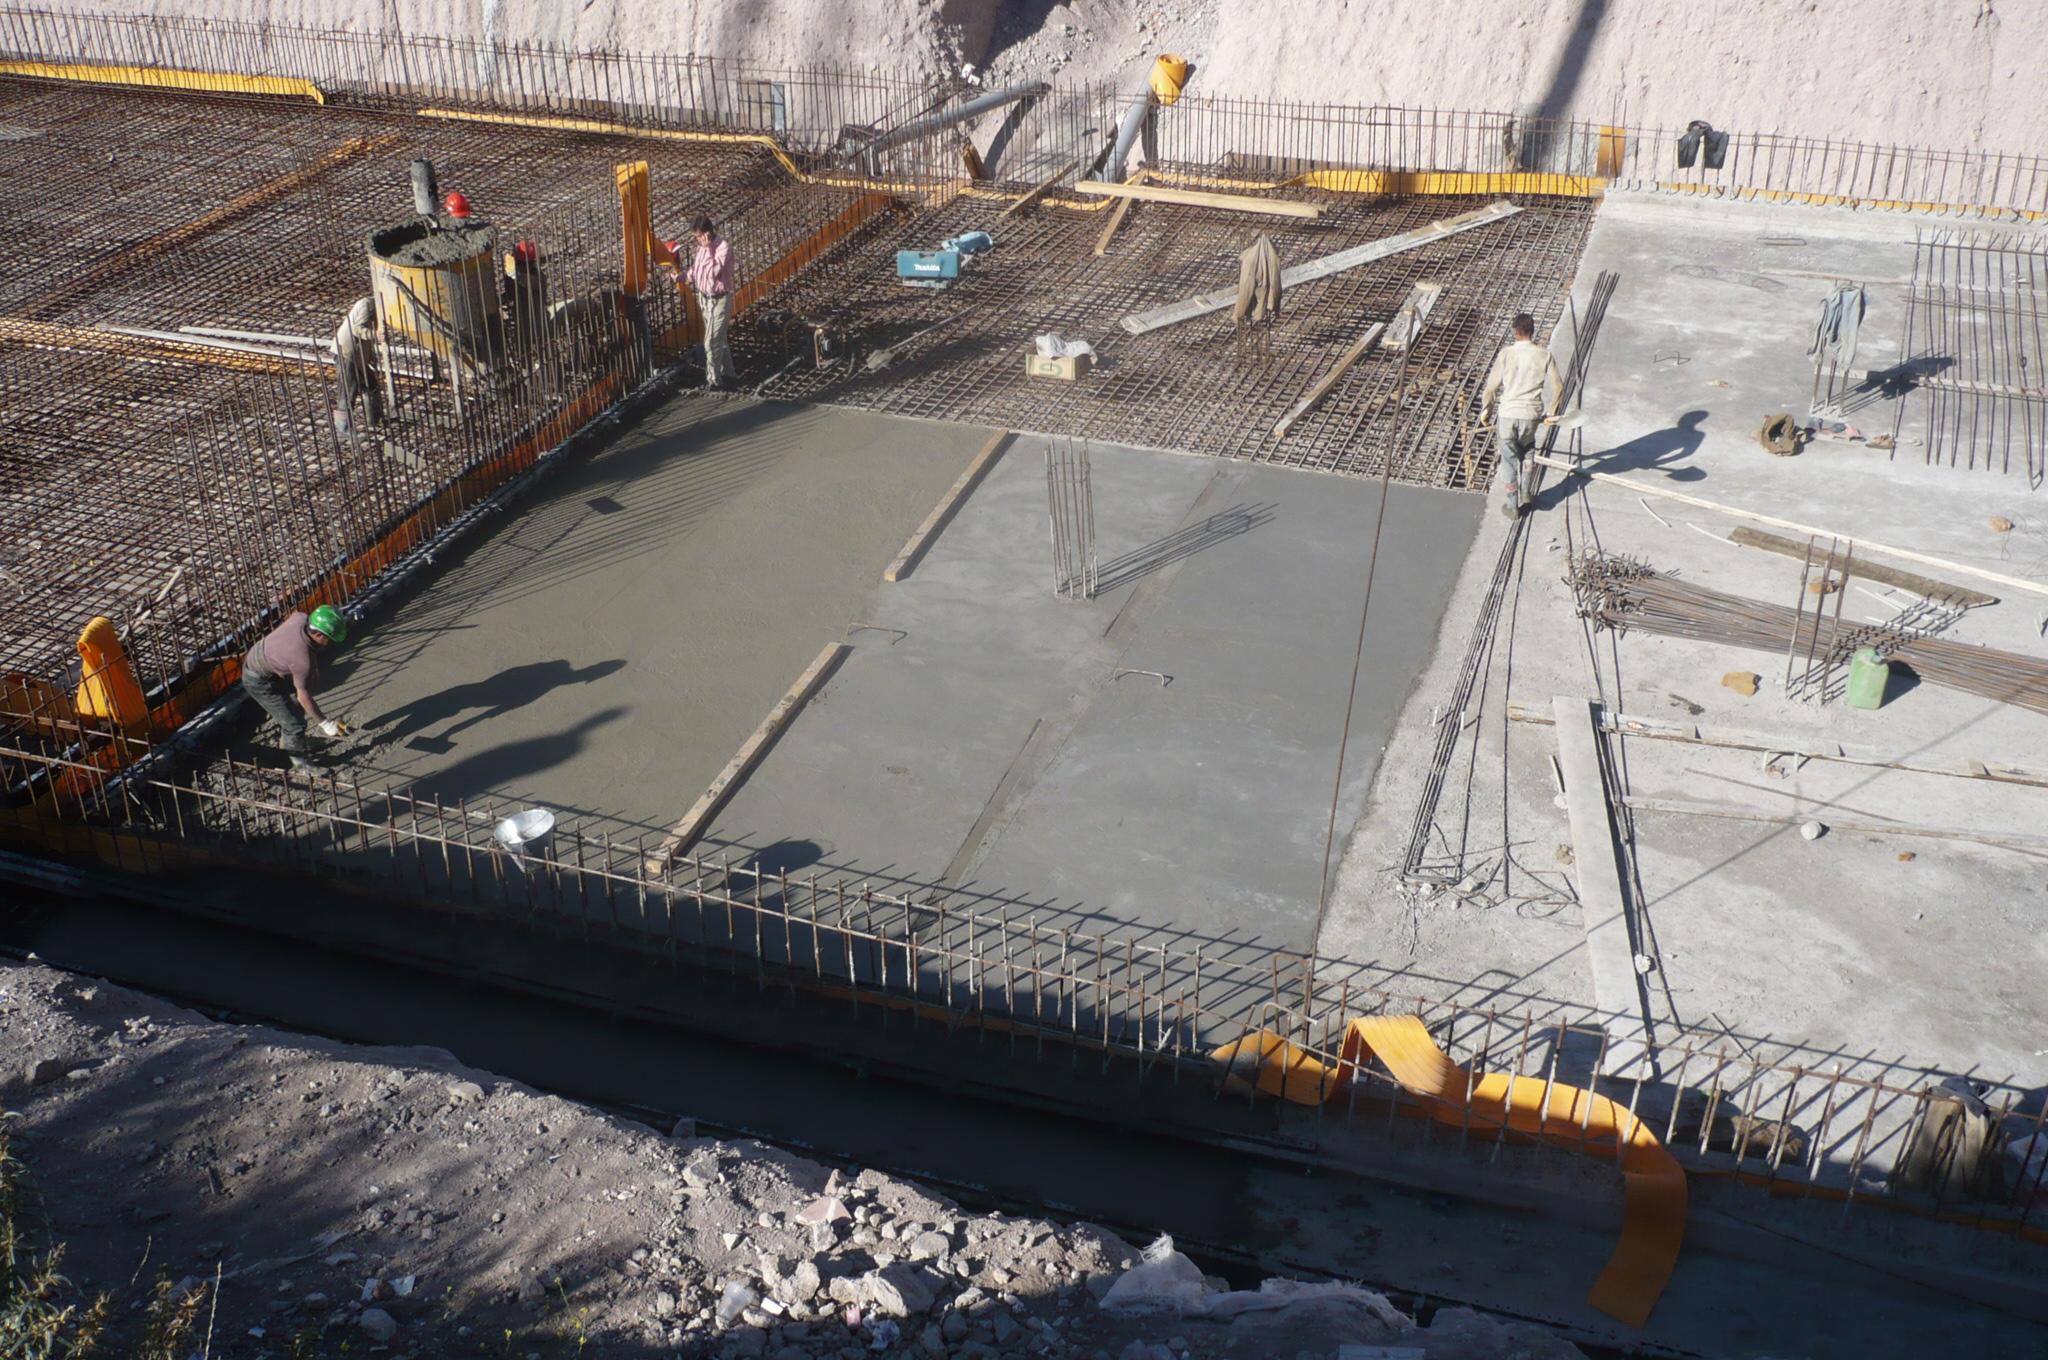 عملیات  احداث مخازن ۲۰۰۰ متر معکبی و خطوط انتقال و اصلاح آبگیر مشکین شهر